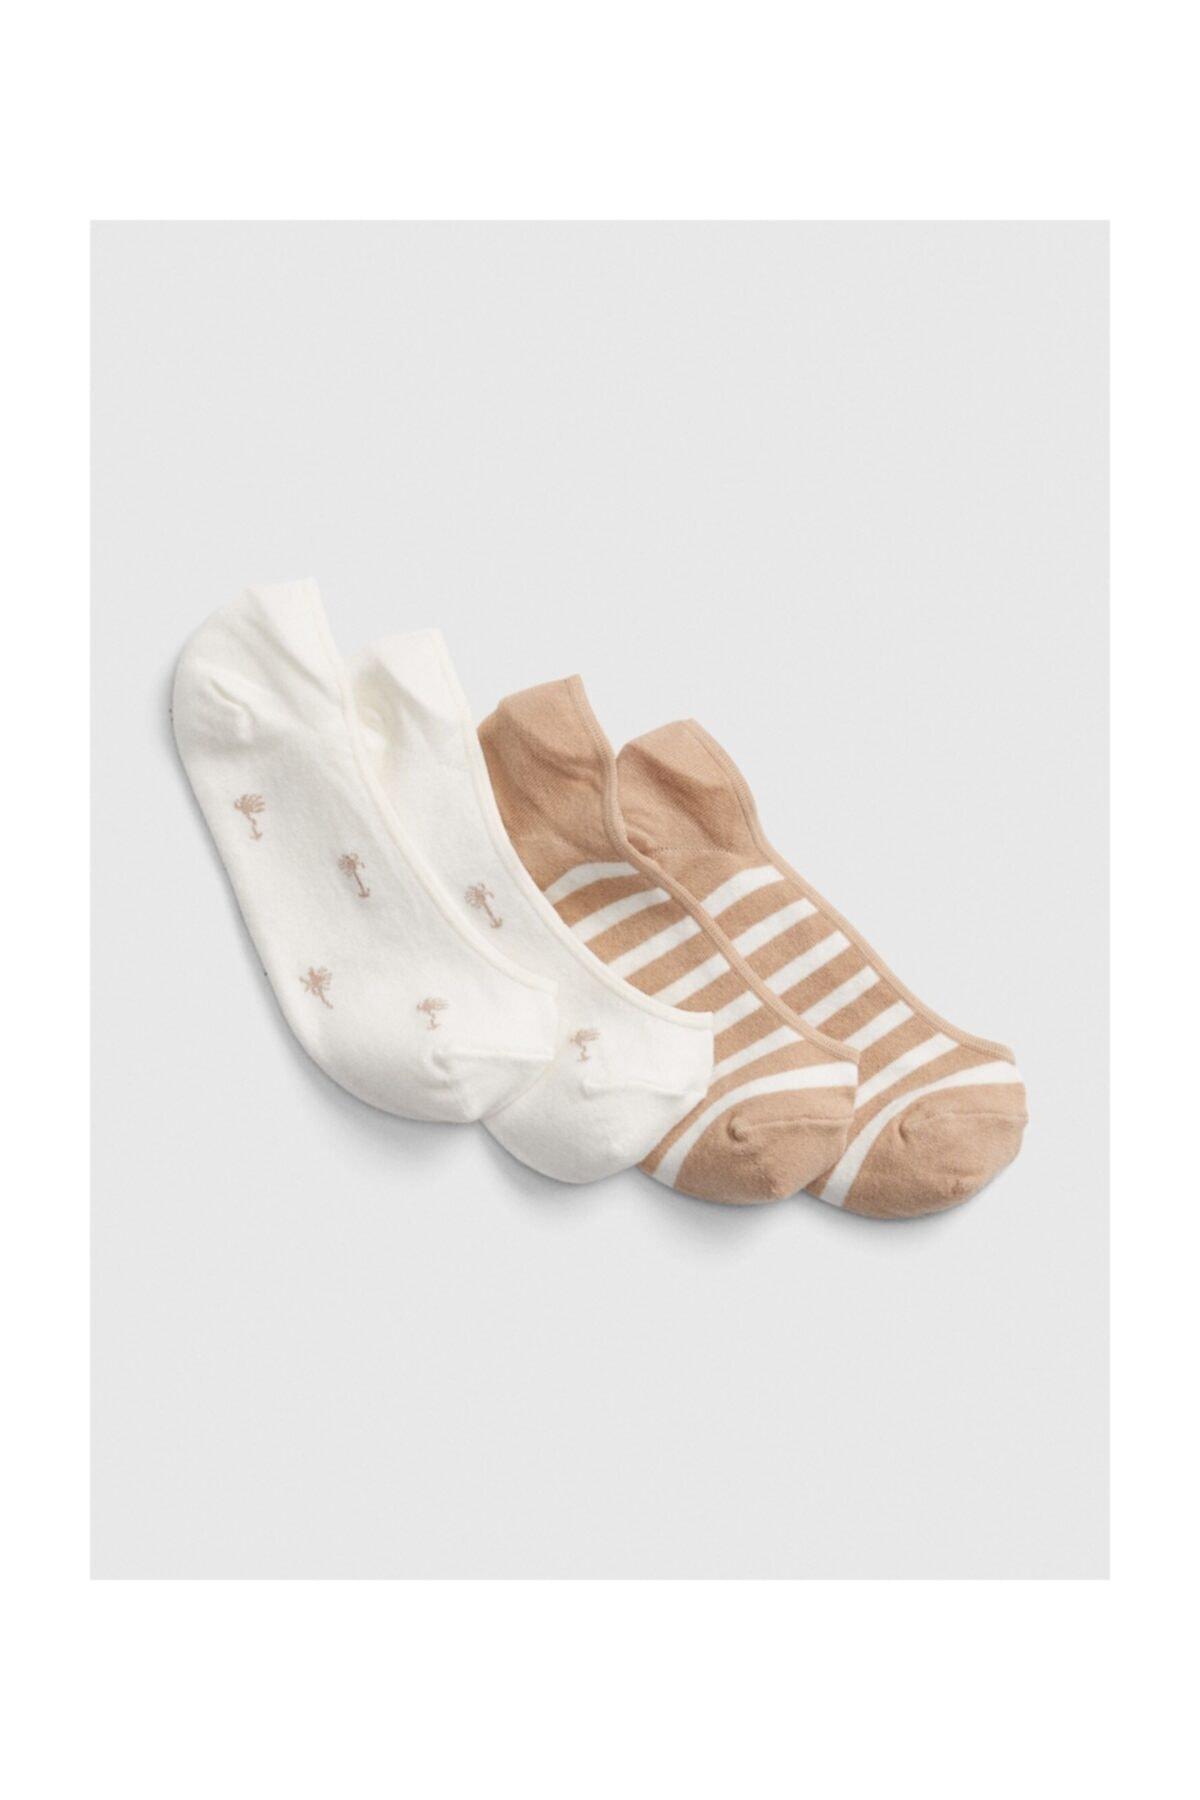 GAP 2'li Babet Çorabı Seti 1